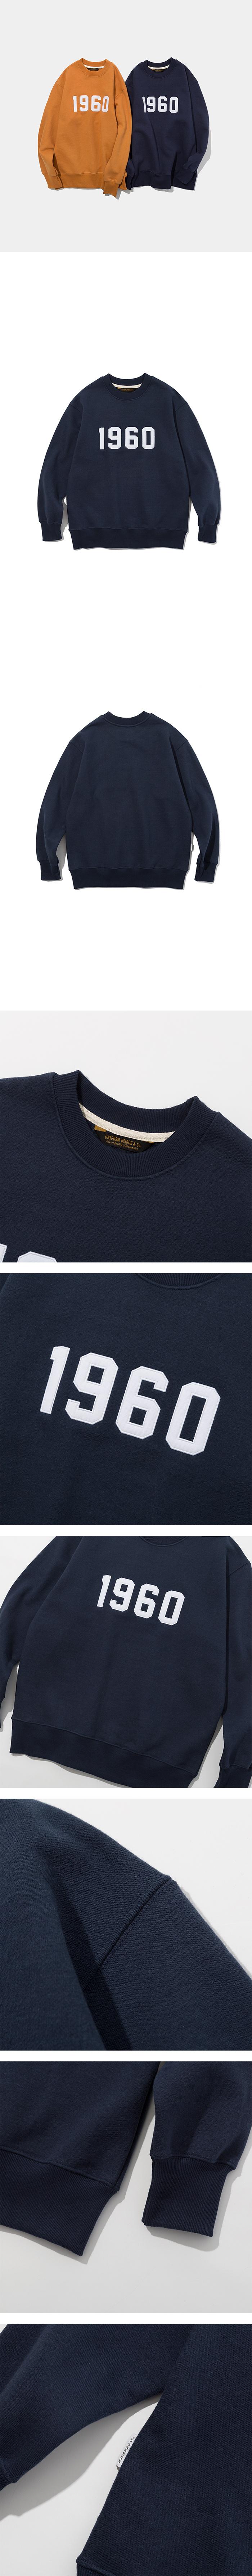 유니폼브릿지(UNIFORM BRIDGE) 1960 sweatshirts navy